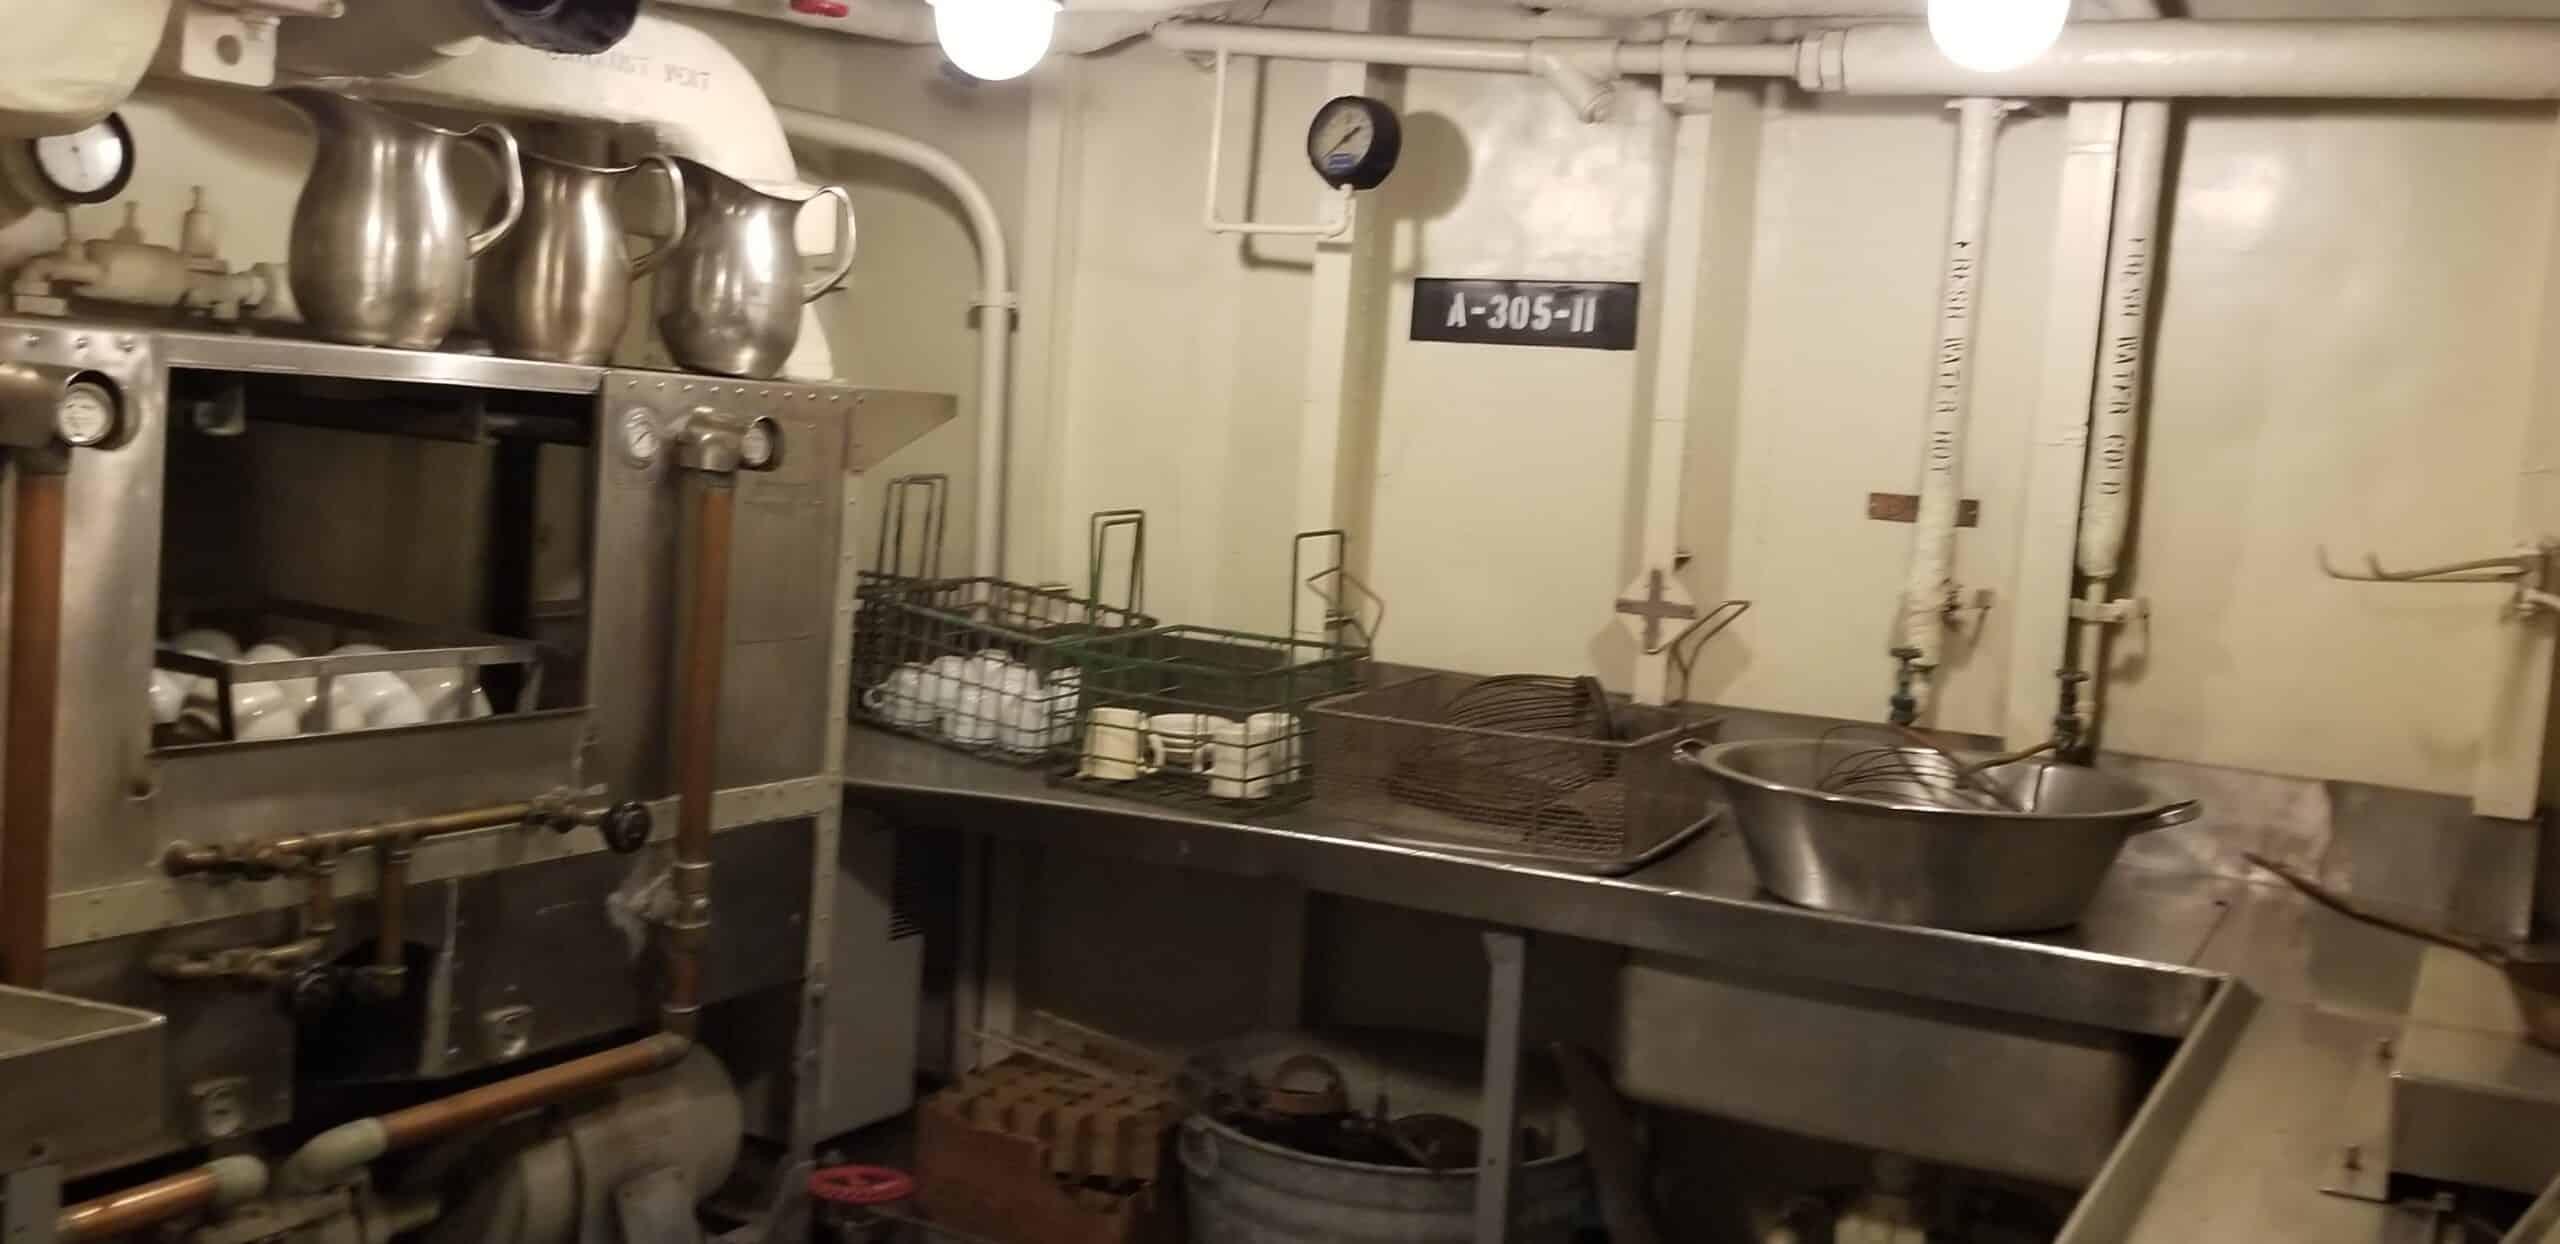 mess hall on the USS Kidd